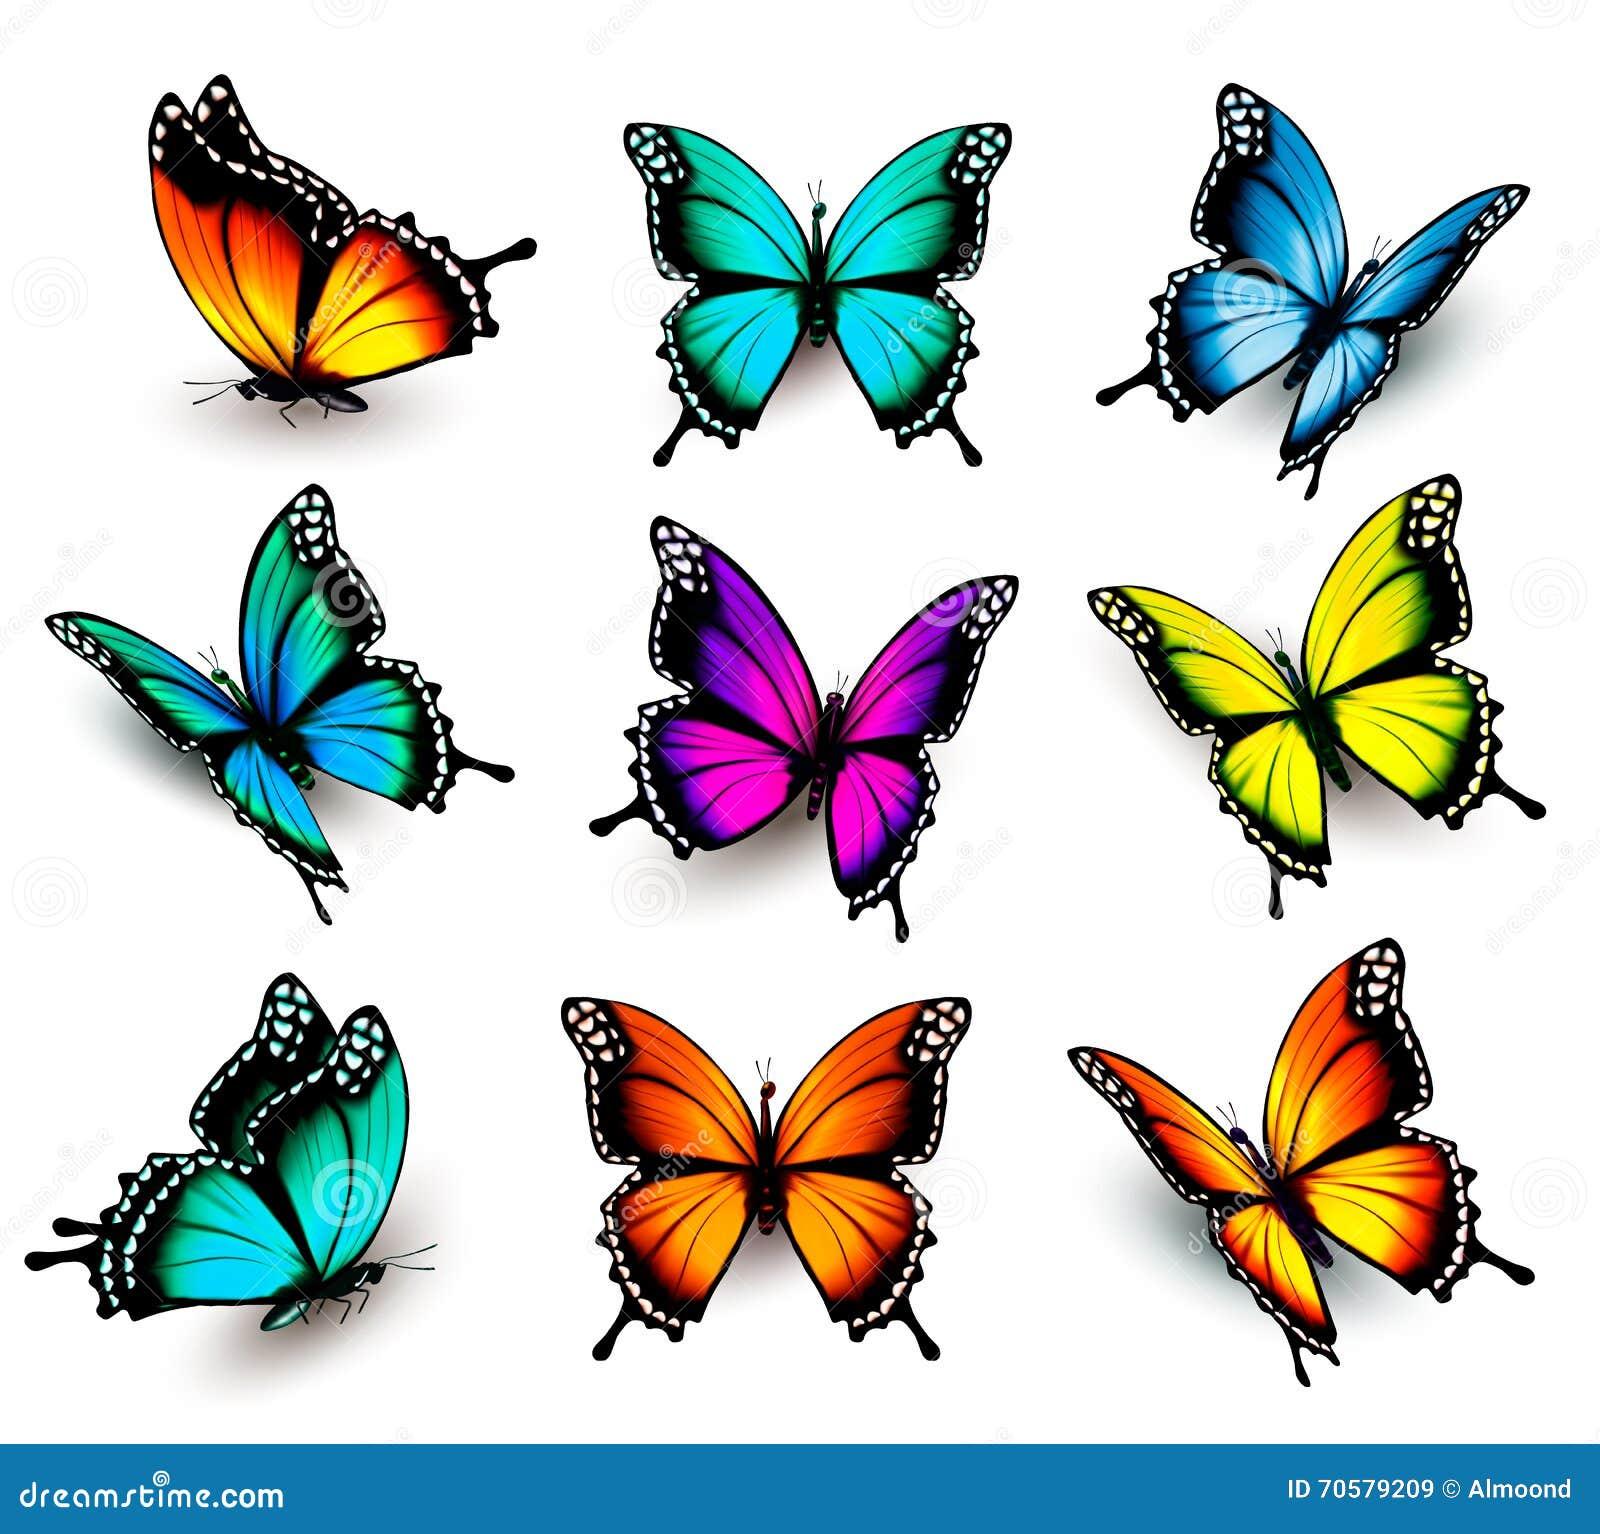 imagens de borboletas coloridas pequenas